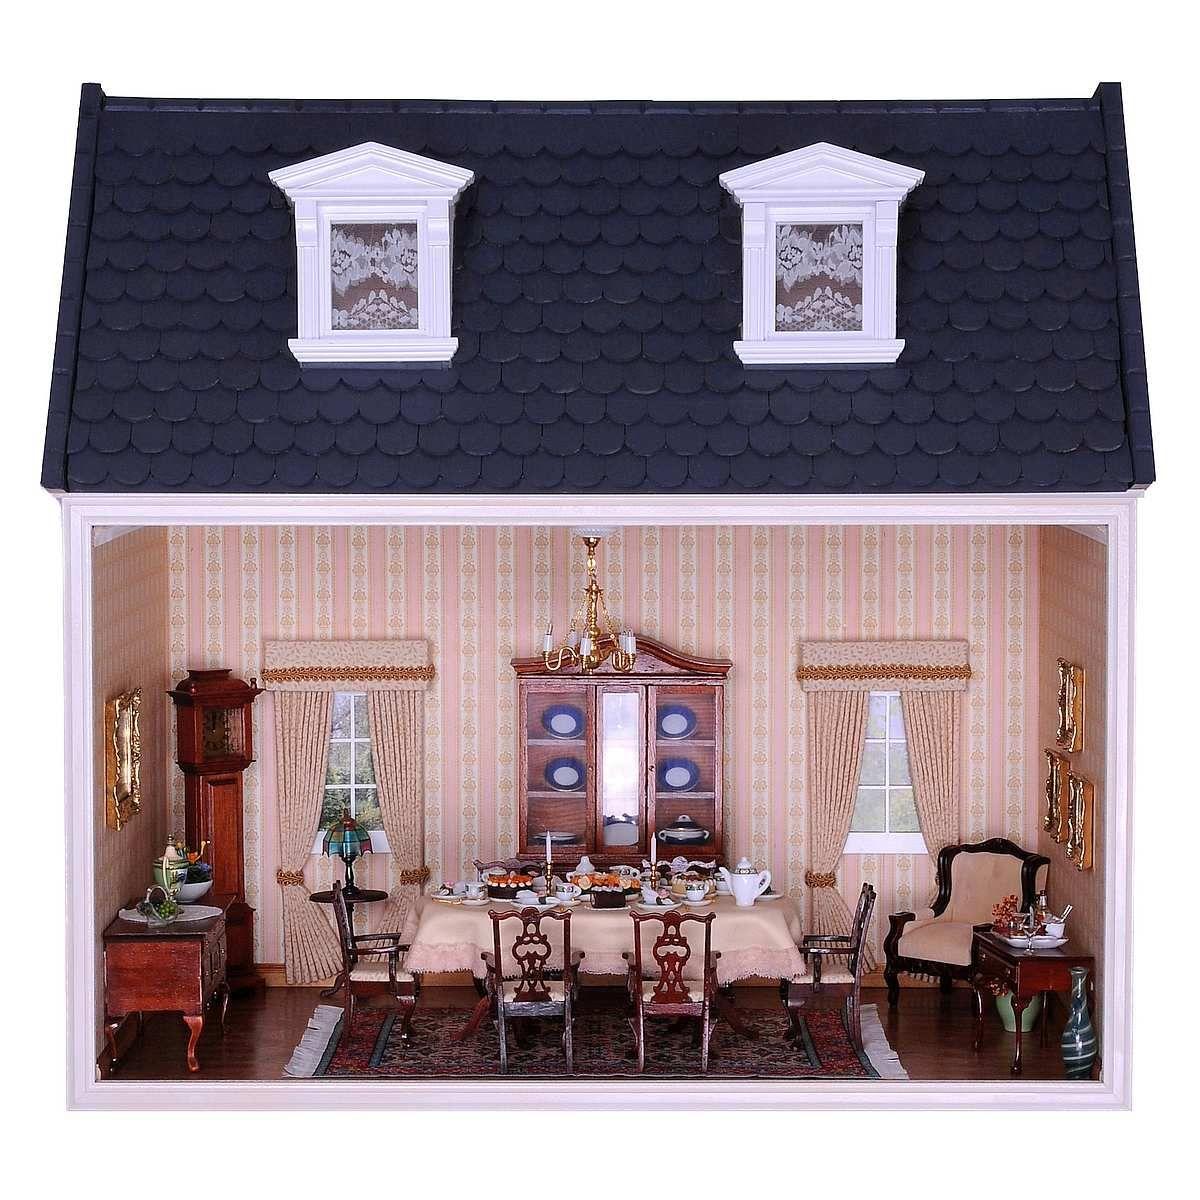 Das aufklappbare Dachgeschoss (90110) zur MODUL-BOX (90100) von MINI MUNDUS. Das Dach kann, wie abgebildet, mit den Dachpfannen (70040 und 7045) oder alternativ mit den einfach verlegbaren Dachschindeln (70050 und 70055) gedeckt werden. Die abgebildeten weißen Dachgauben (50371) oder die Nauturholzgauben (50370) stellen eine sehr schöne Ergänzung dar.